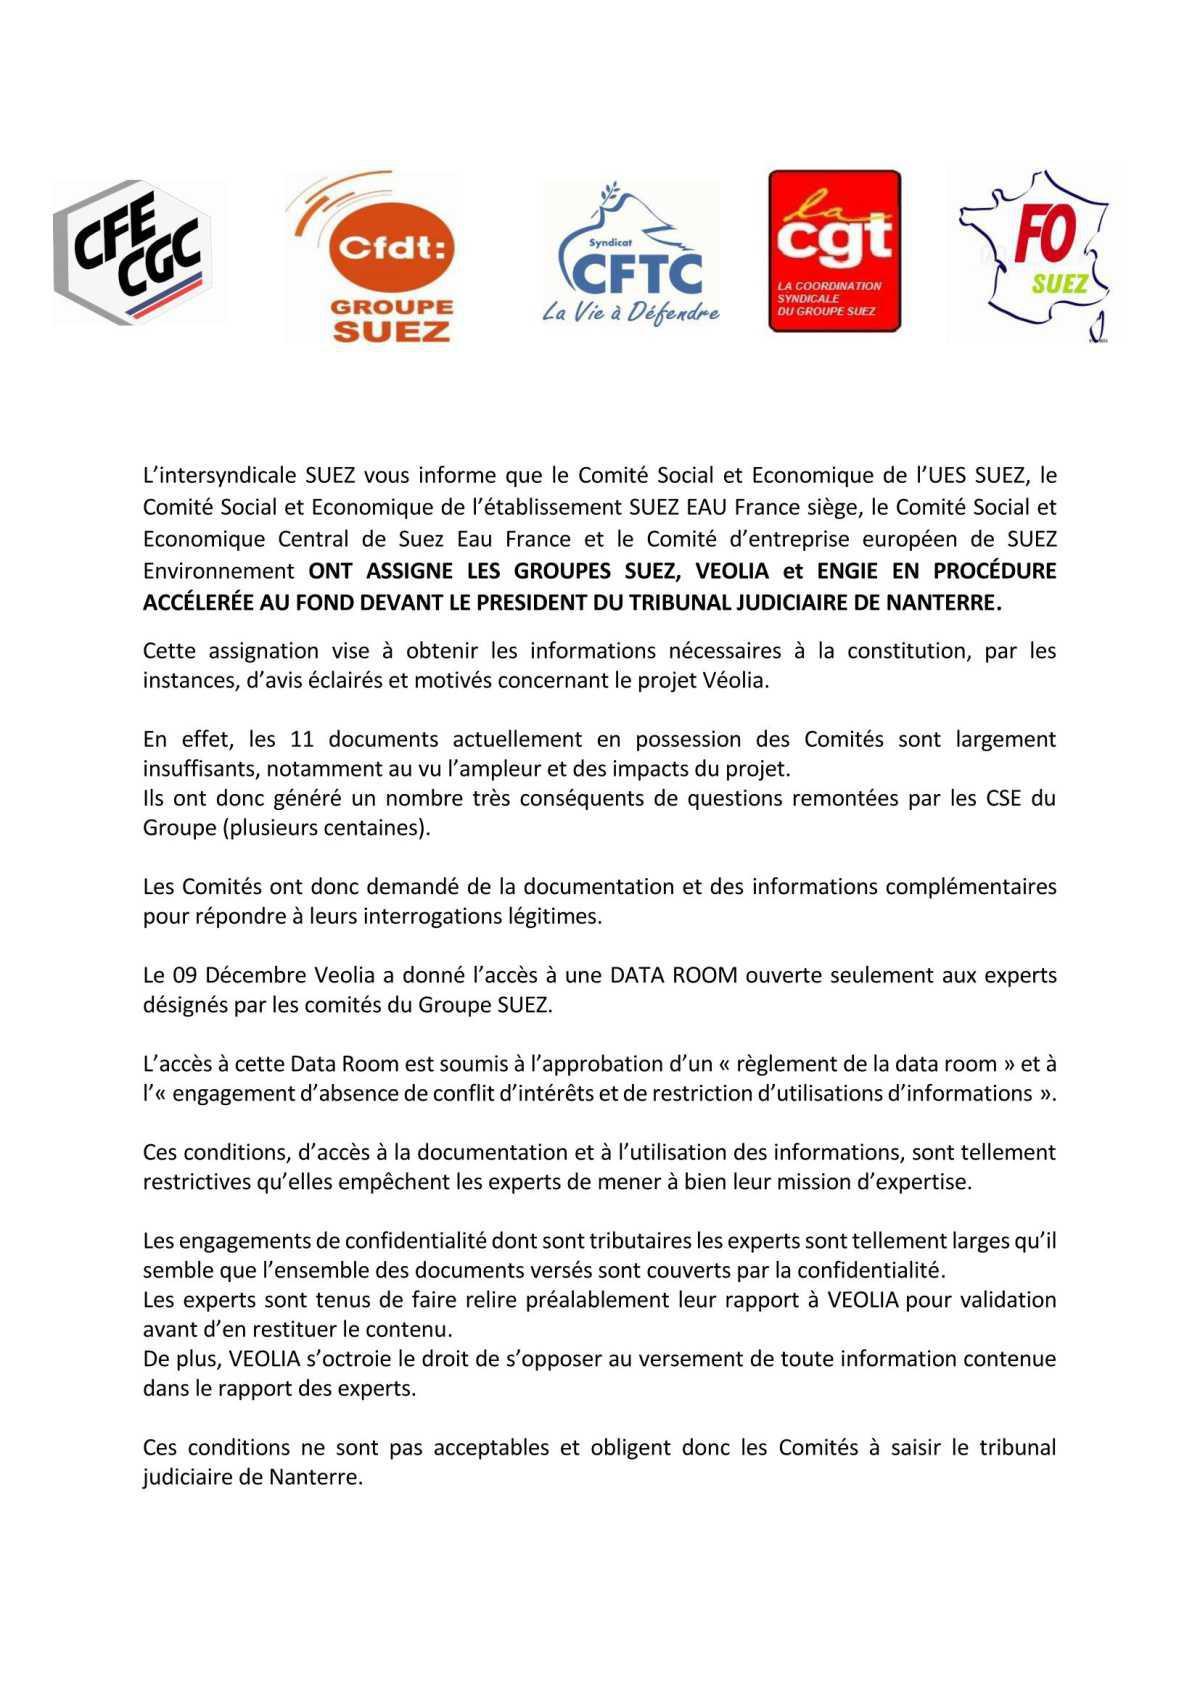 CDP / ASSIGNIATION DES GROUPES SUEZ, VEOLIA et ENGIE EN PROCÉDURE ACCÉLERÉE AU FOND DEVANT LE PRESIDENT DU TRIBUNAL JUDICIAIRE DE NANTERRE.